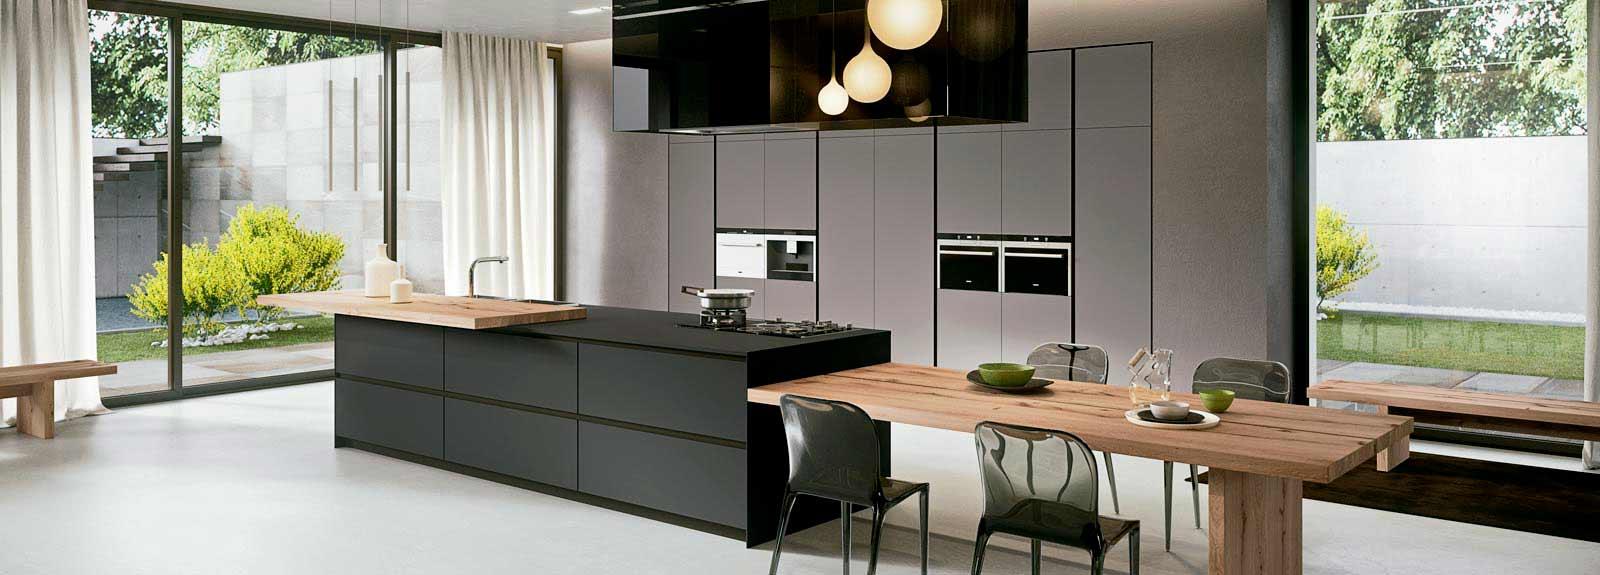 cocina-moderna-murcia-stancia-1